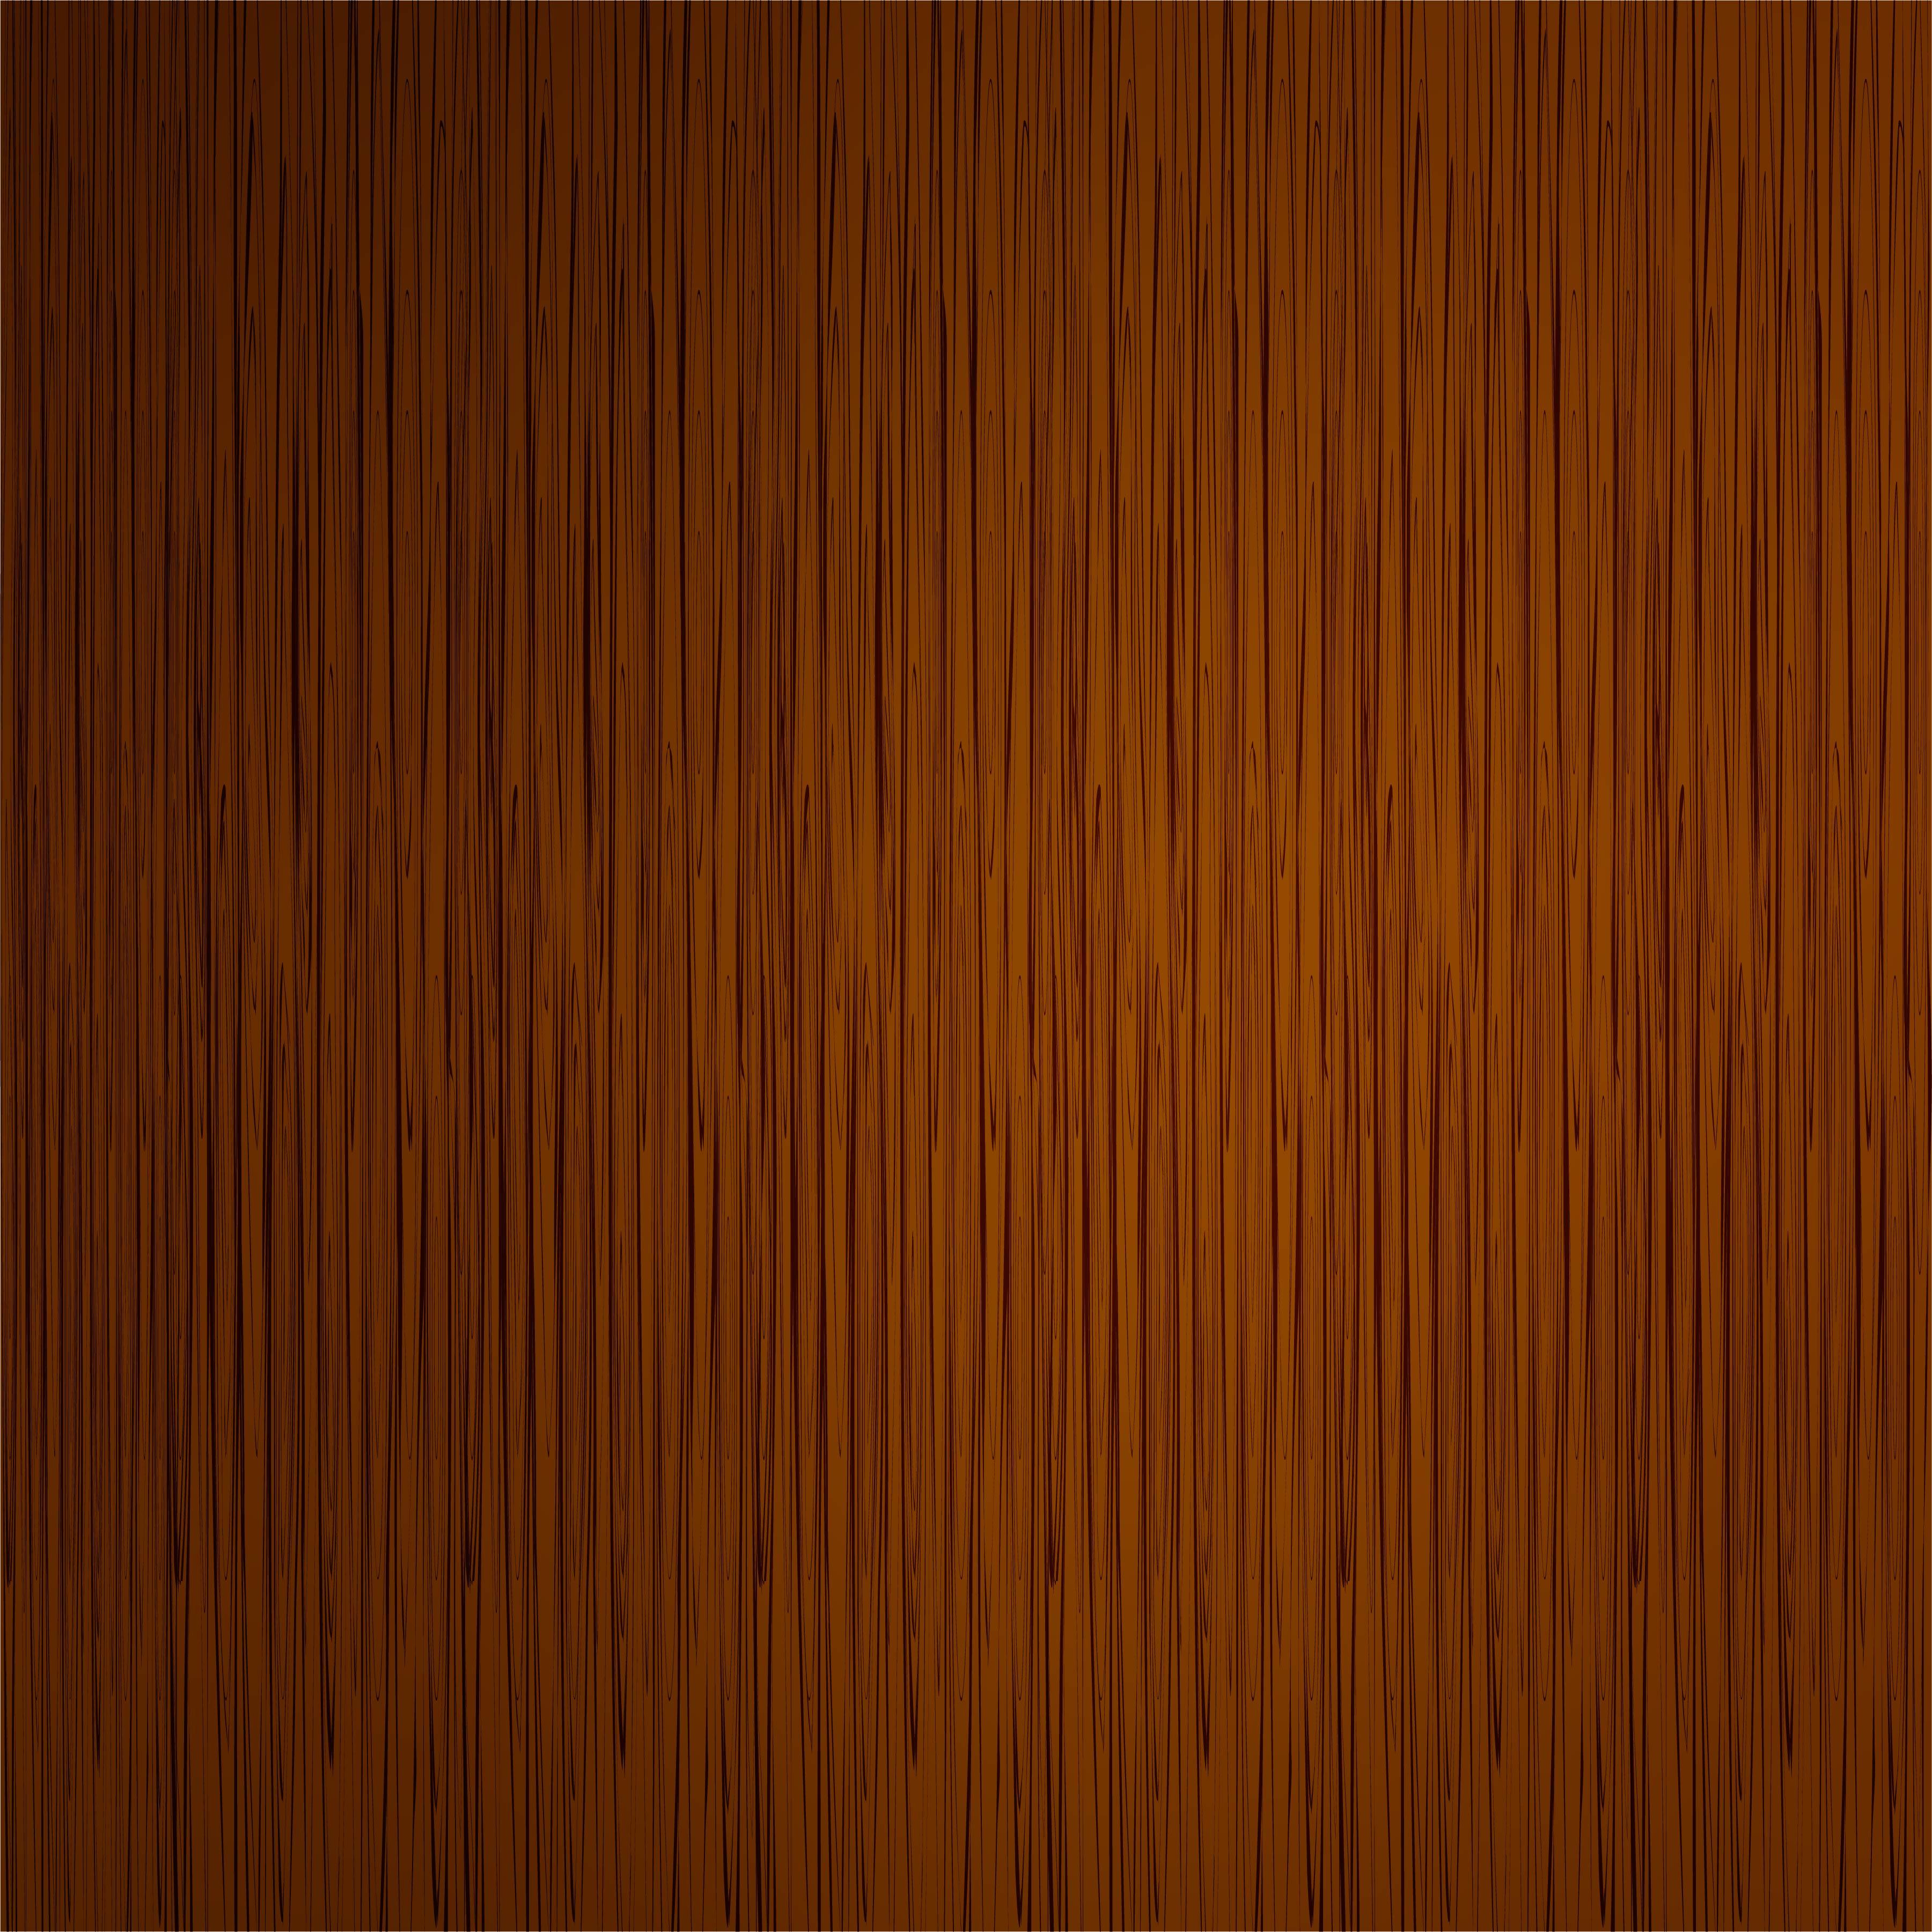 木頭紋路 免費下載   天天瘋後製